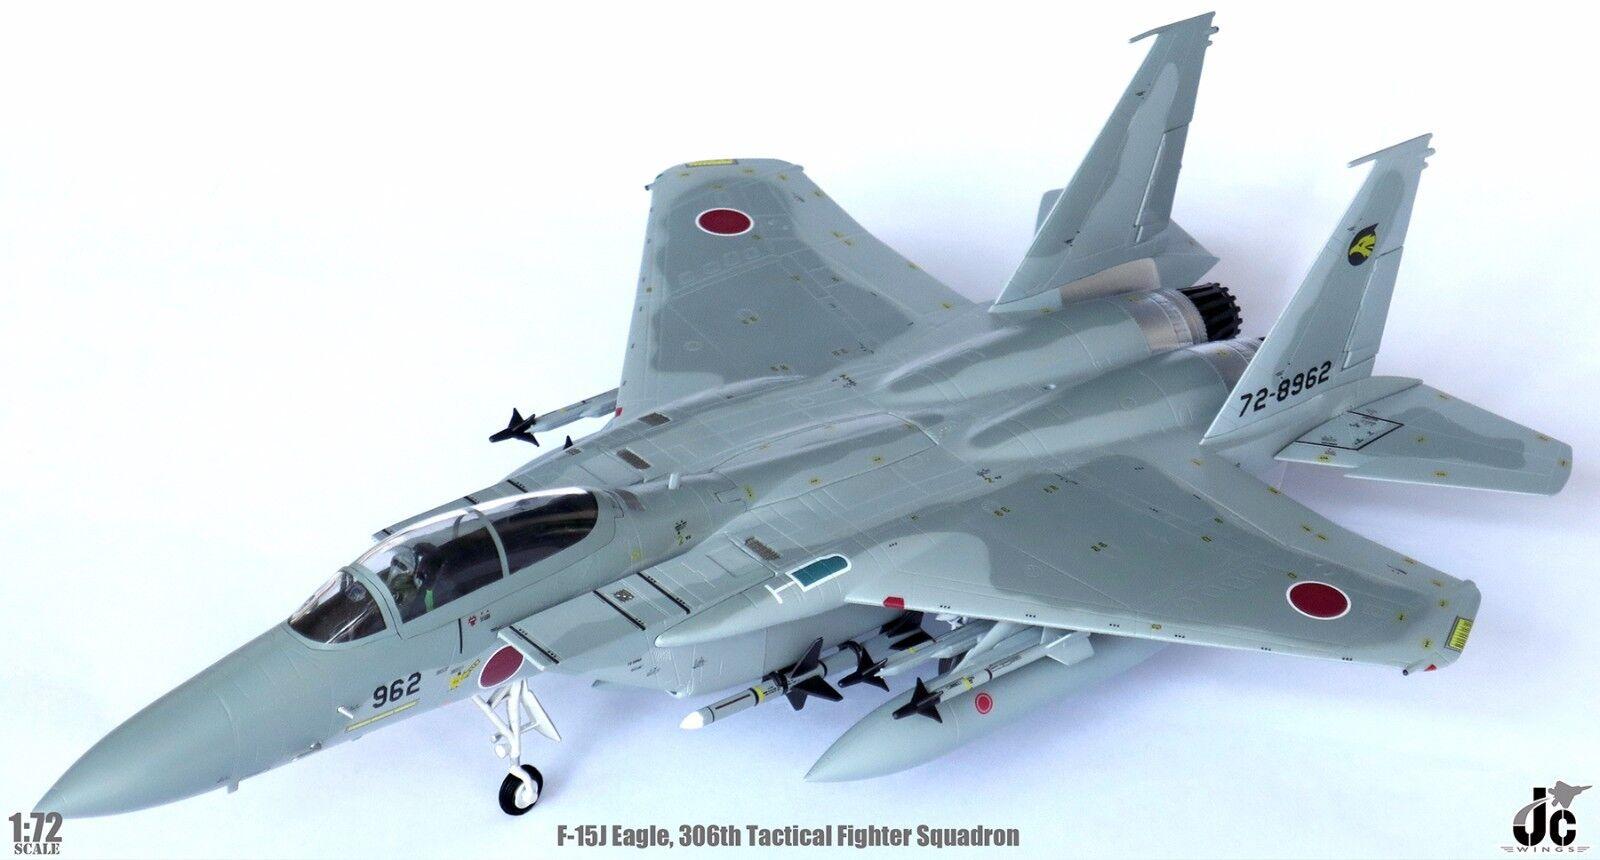 all'ingrosso economico e di alta qualità JC Wings 1 72 Japan Japan Japan Air Force (JASDF) Mitsubishi F-15J Eagle 72-8962 with Ste  ti renderà soddisfatto